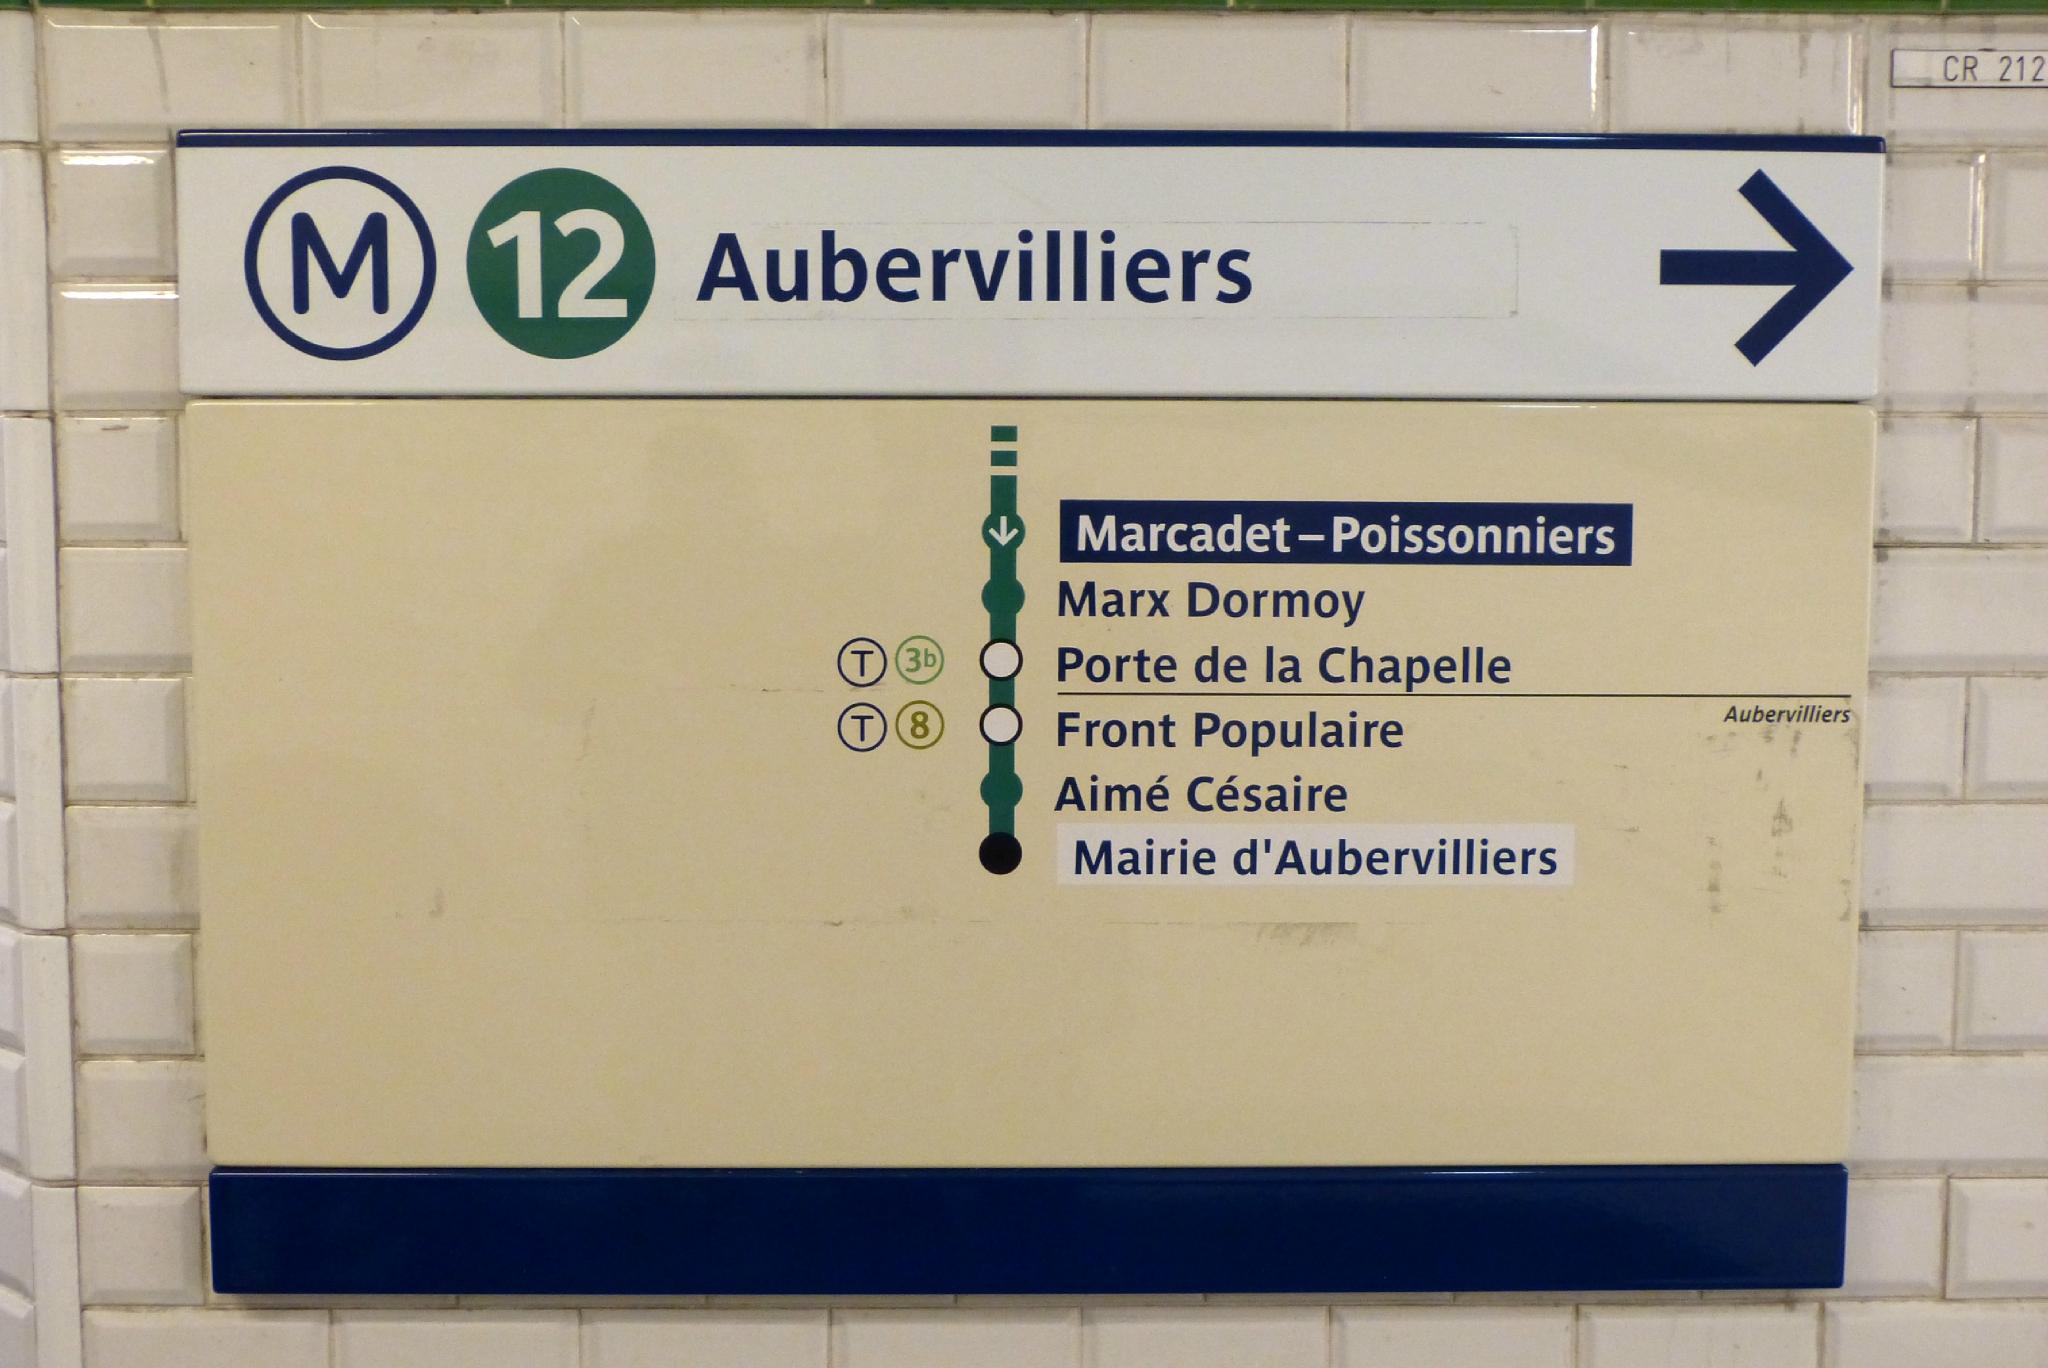 Metro porte d aubervilliers 28 images l extension du - Porte d aubervilliers plan ...